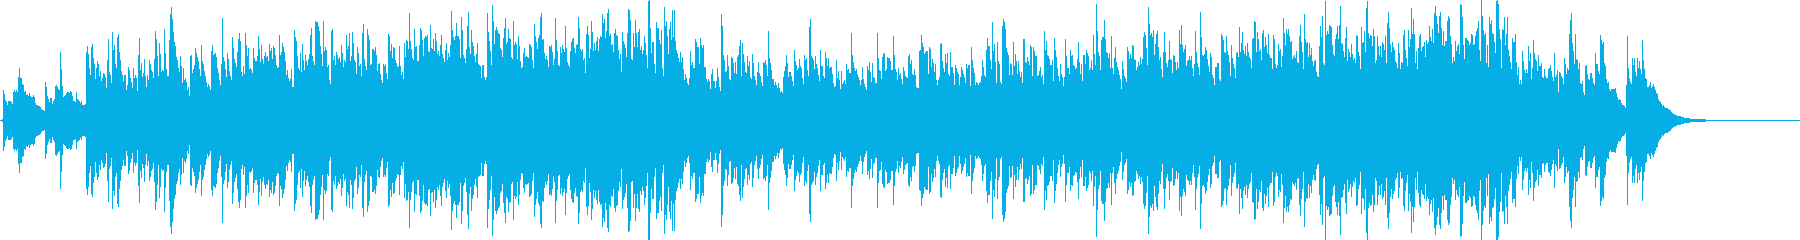 癒しギターのヒーリングBGMの再生済みの波形